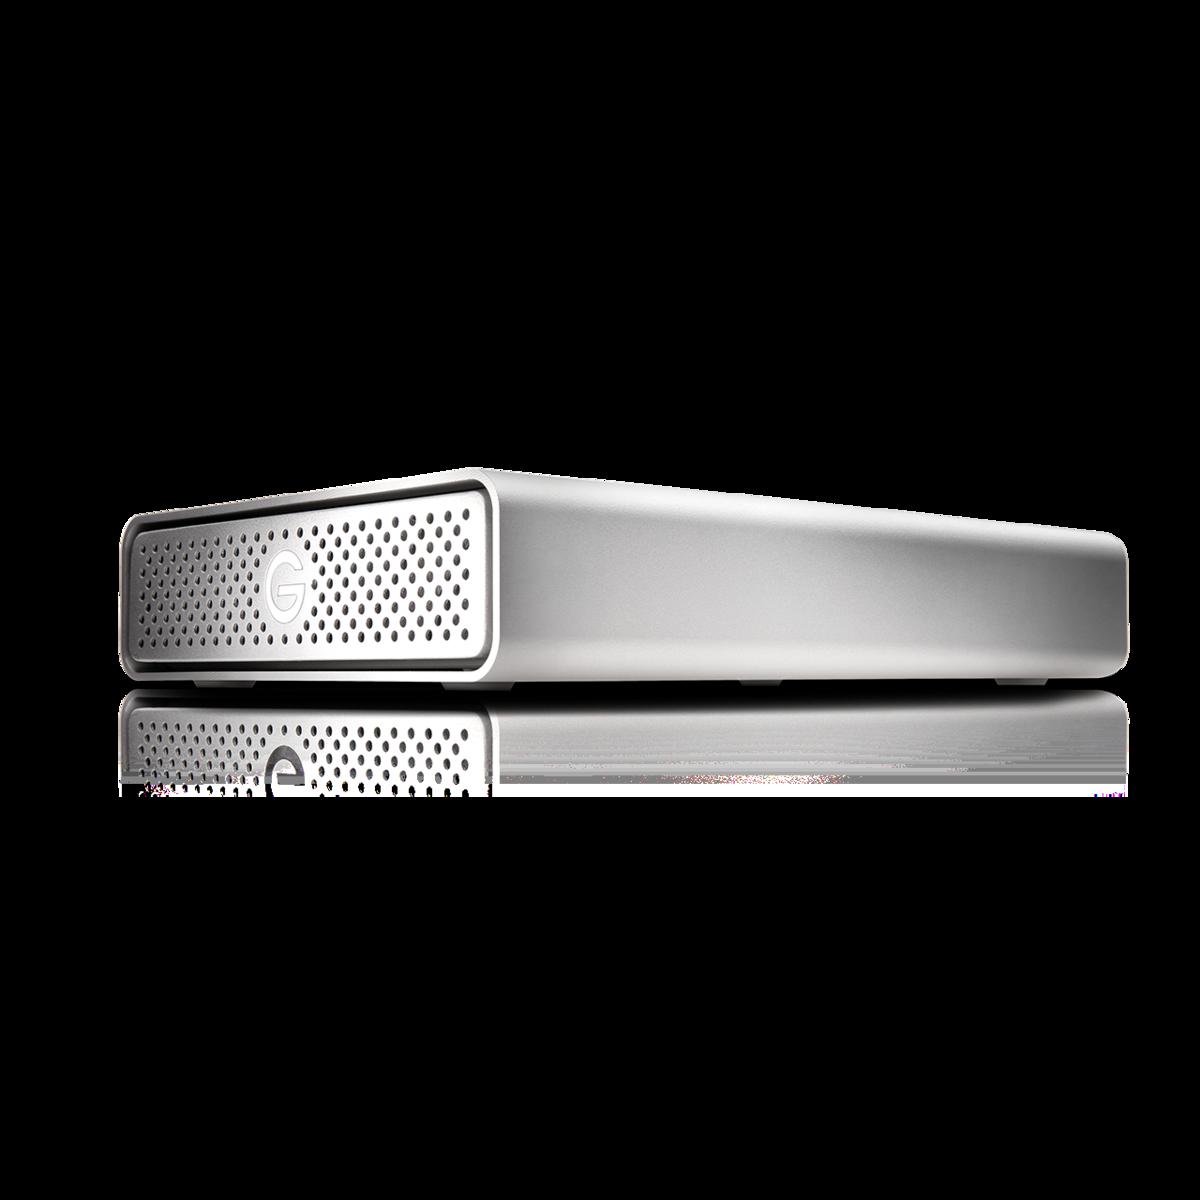 G-TECH - G-Technology G-Drive USB3.0 4TB 外置硬碟(行貨三年保養)